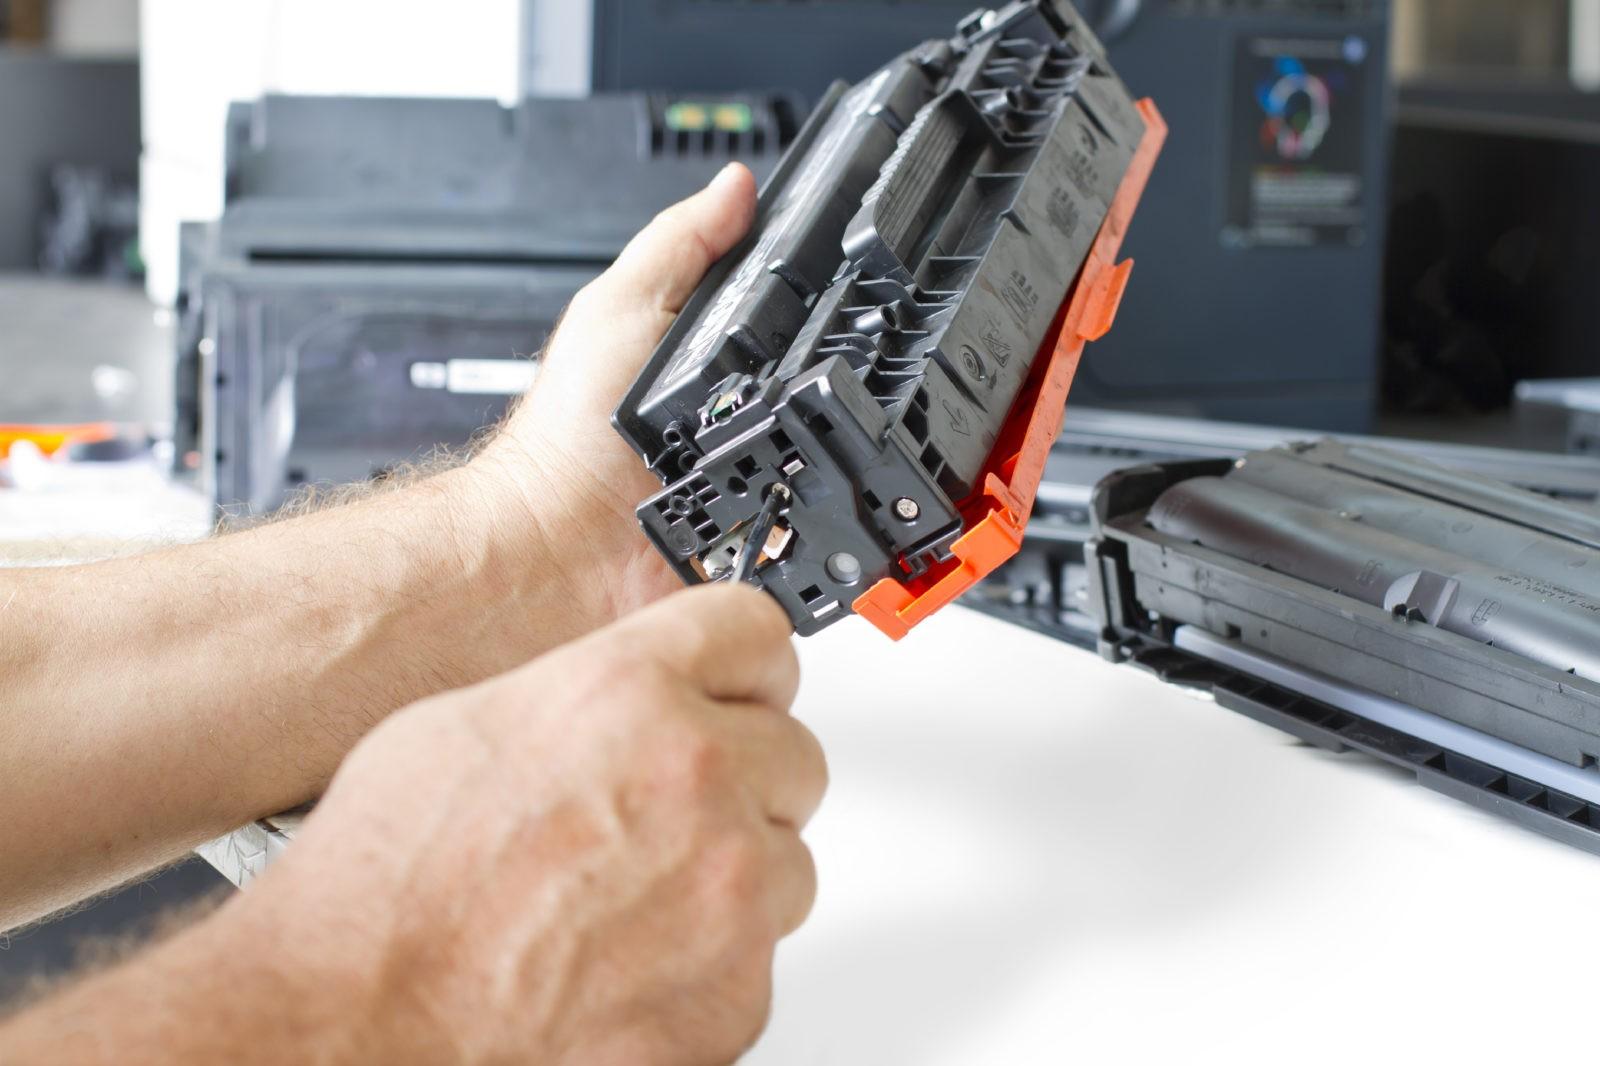 a pair of hands repairing a printer cartridge